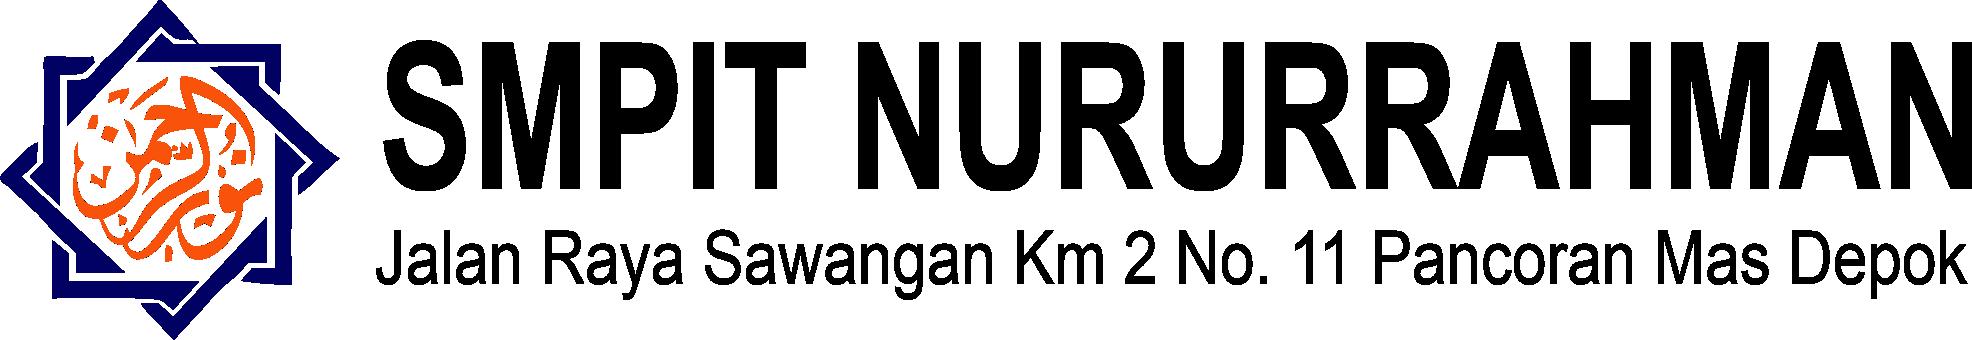 SMPIT NURURRAHMAN